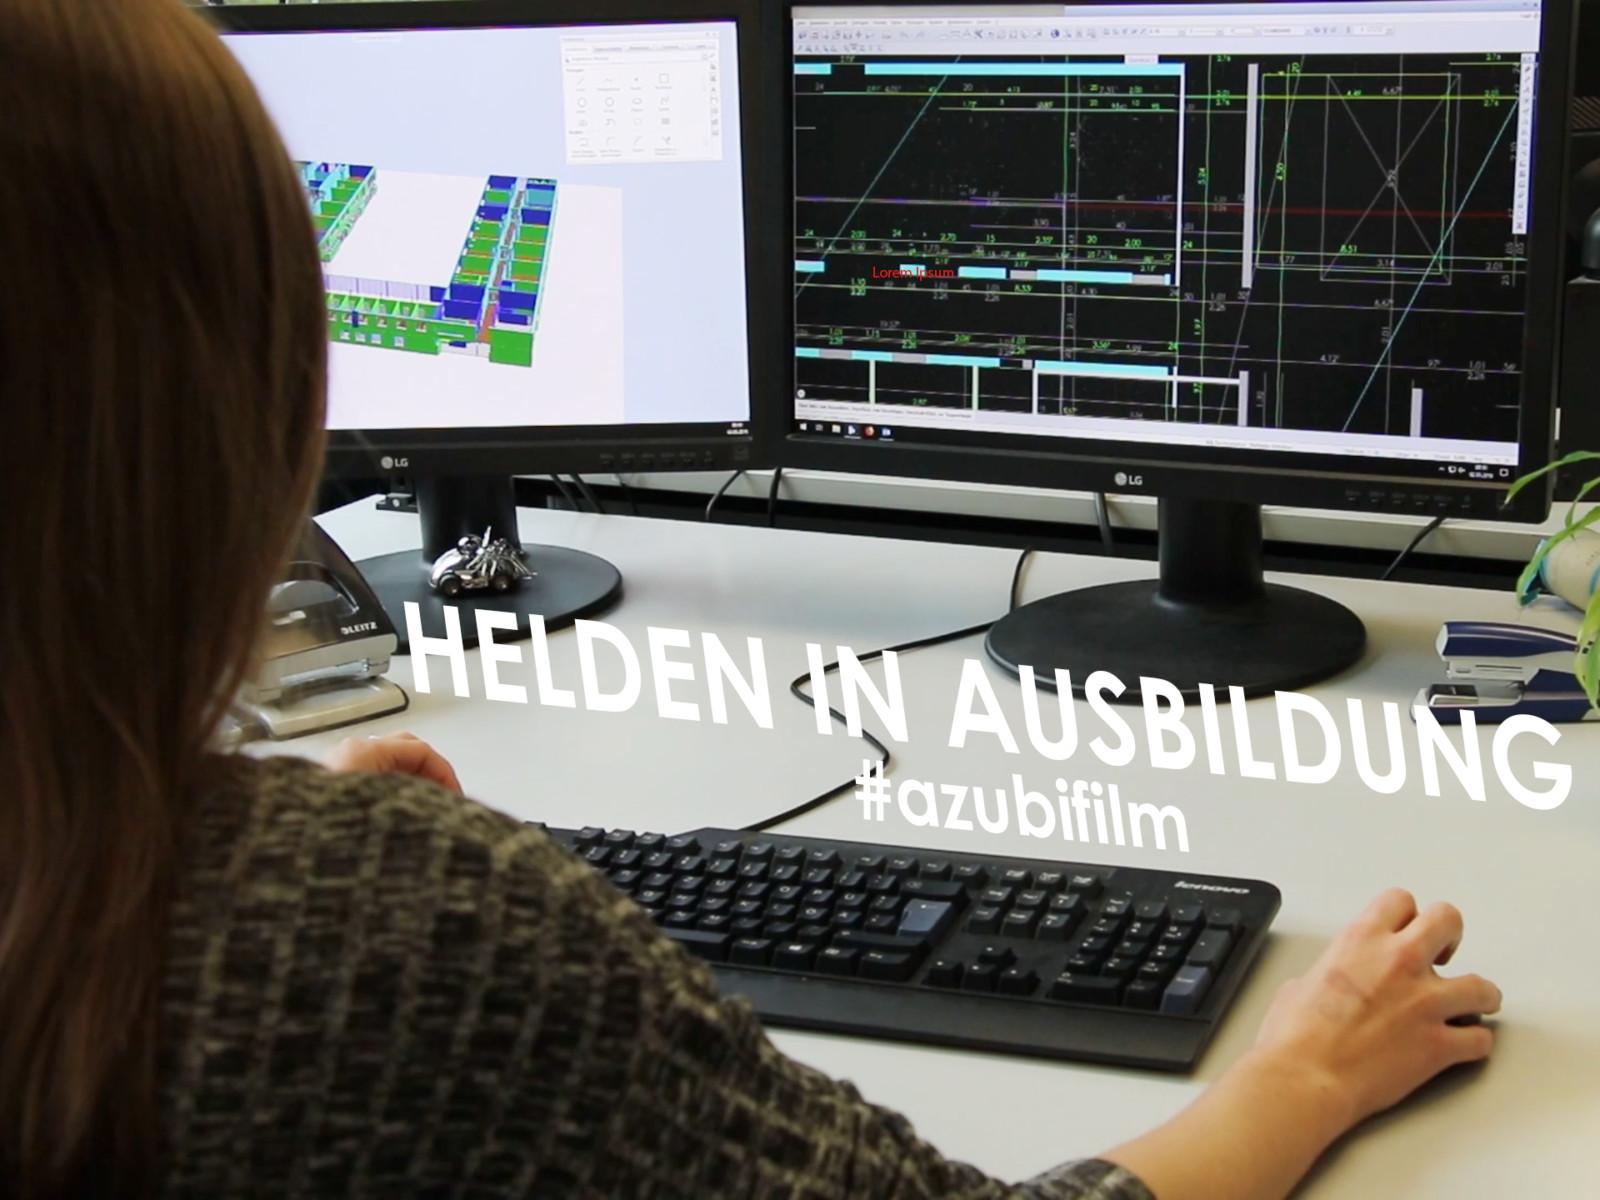 Helden In Ausbildung_Azubifilm_Weicken Architekten